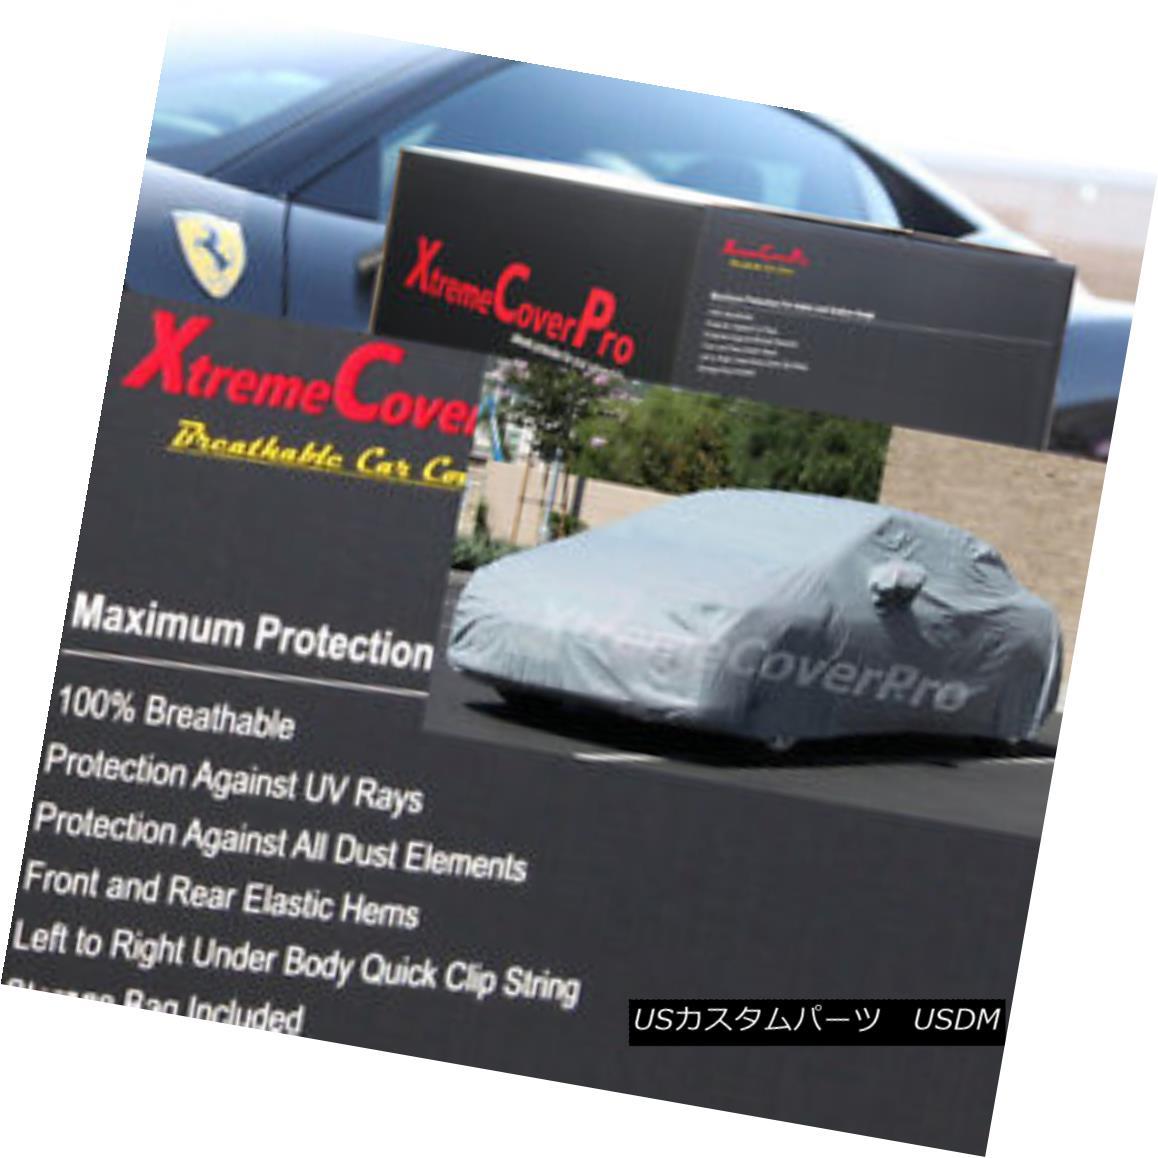 カーカバー 2006 2007 Lexus GS300 GS350 GS430 Breathable Car Cover w/MirrorPocket 2006年2007年レクサスGS300 GS350 GS430通気性車カバー付き(MirrorPocket)